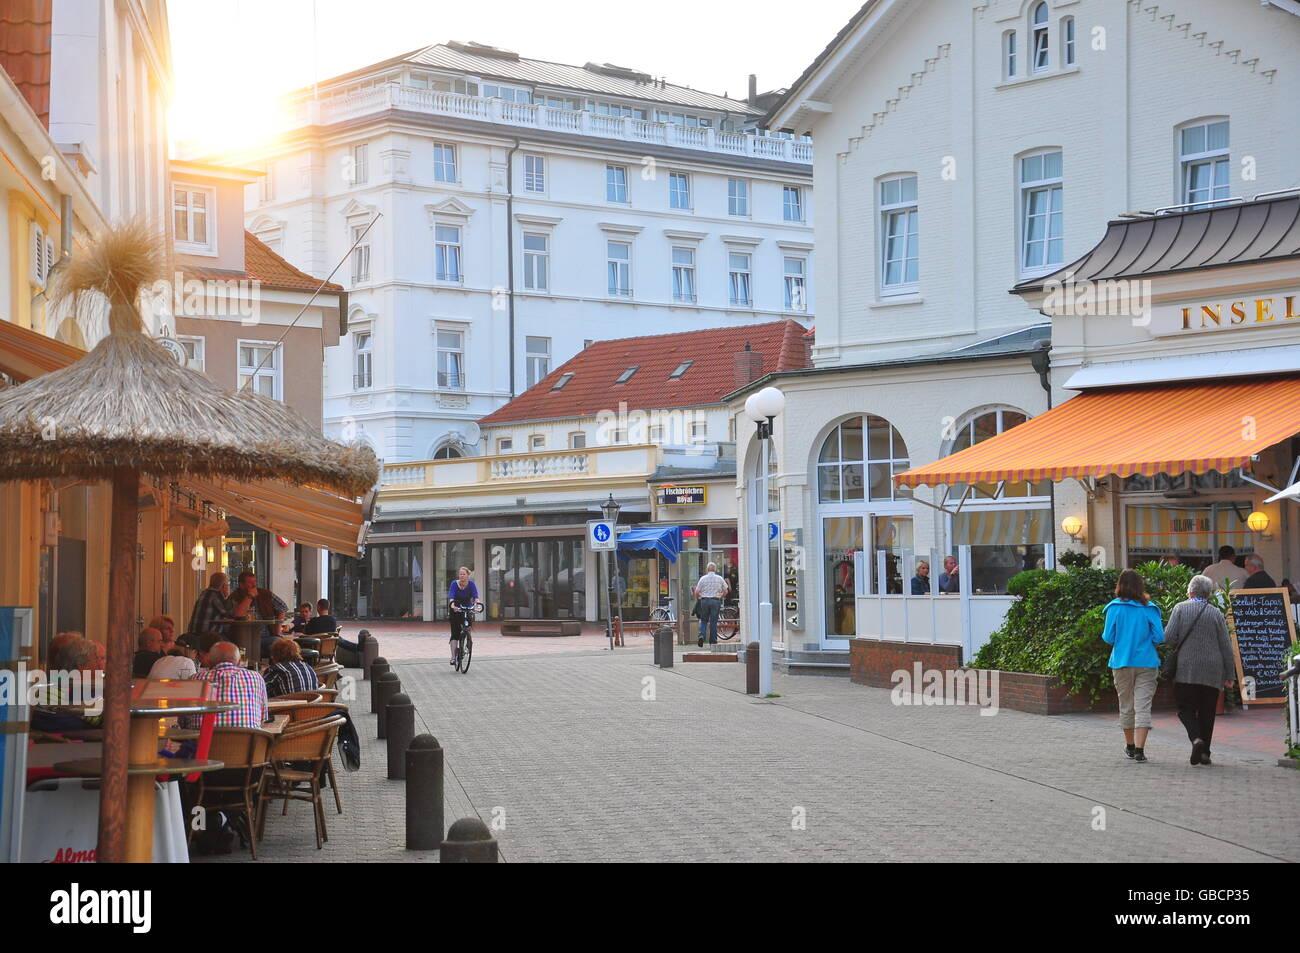 Sommer, Urlaub, Nordsee, Ostrfriesland, Ortsmitte, Nordseeinsel, Norderney, Niedersachsen Stock Photo